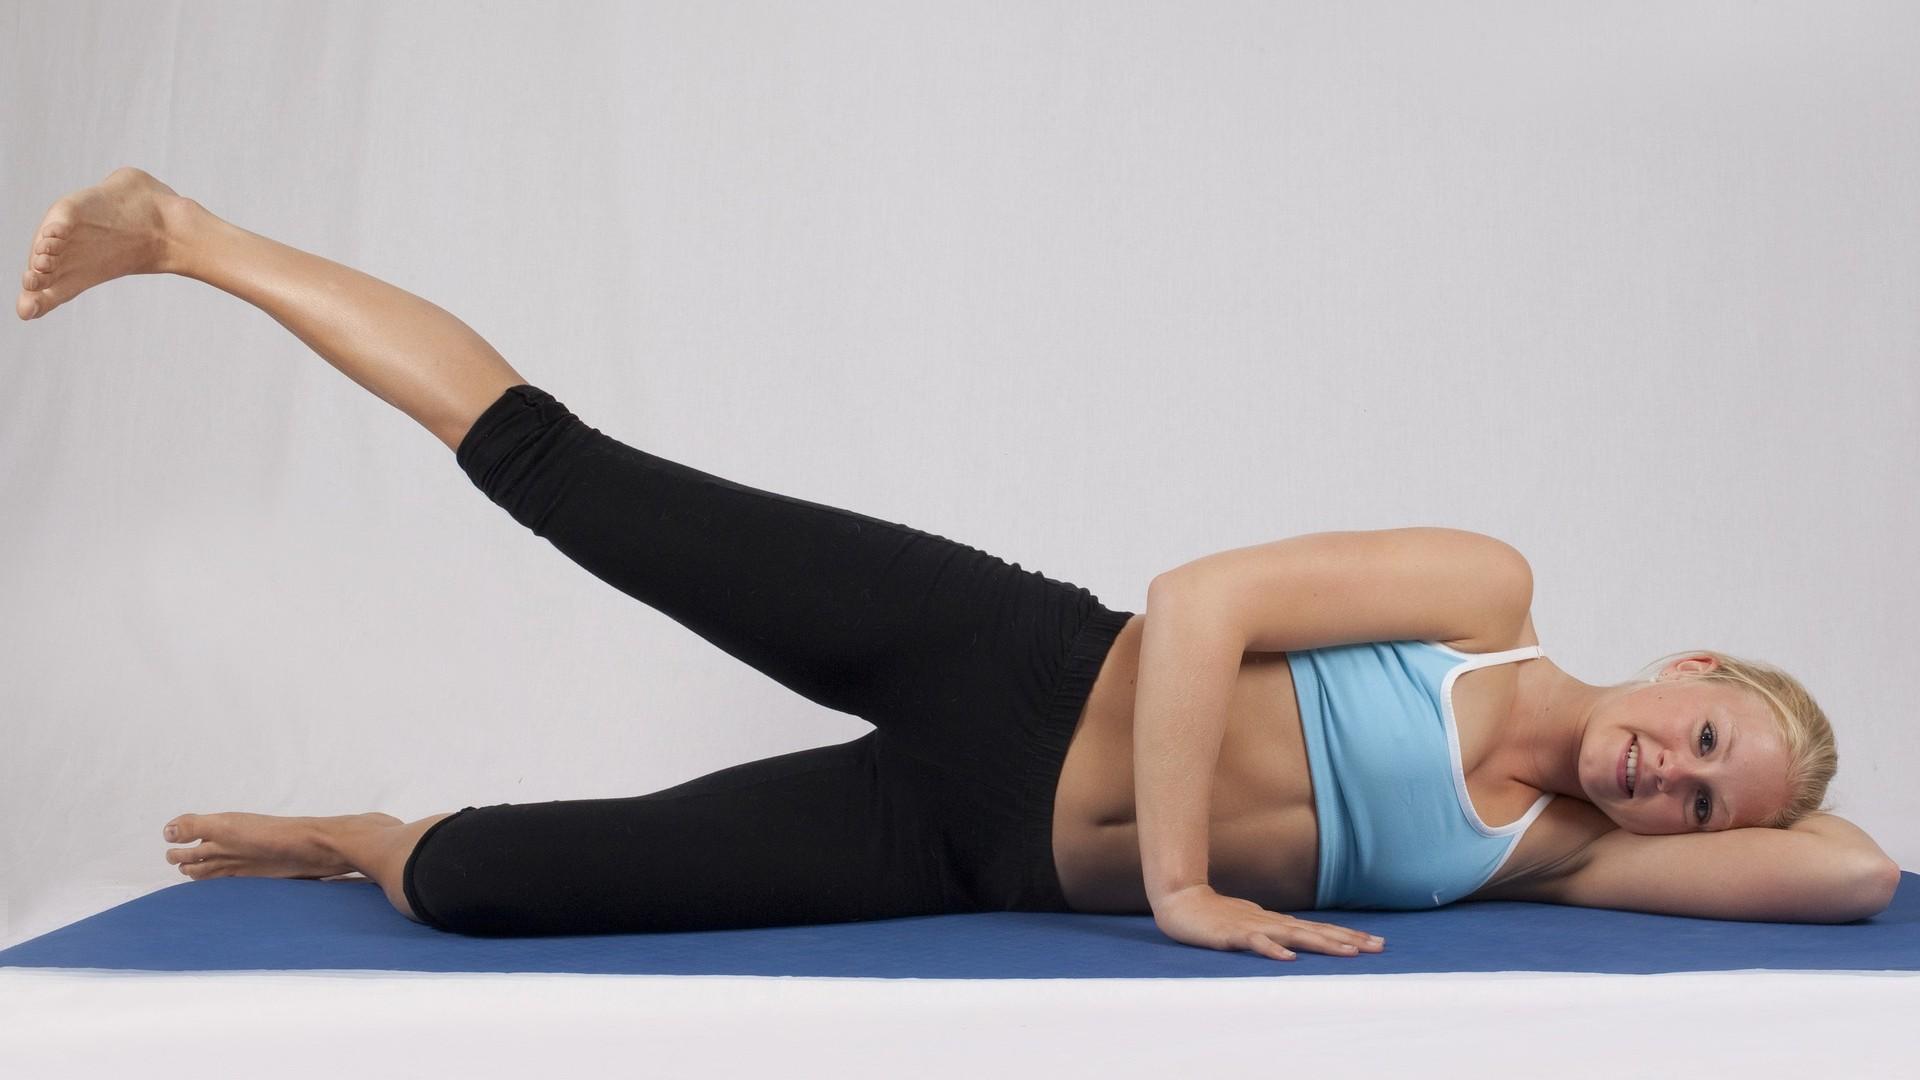 簡單室內運動也能幫妳減肥